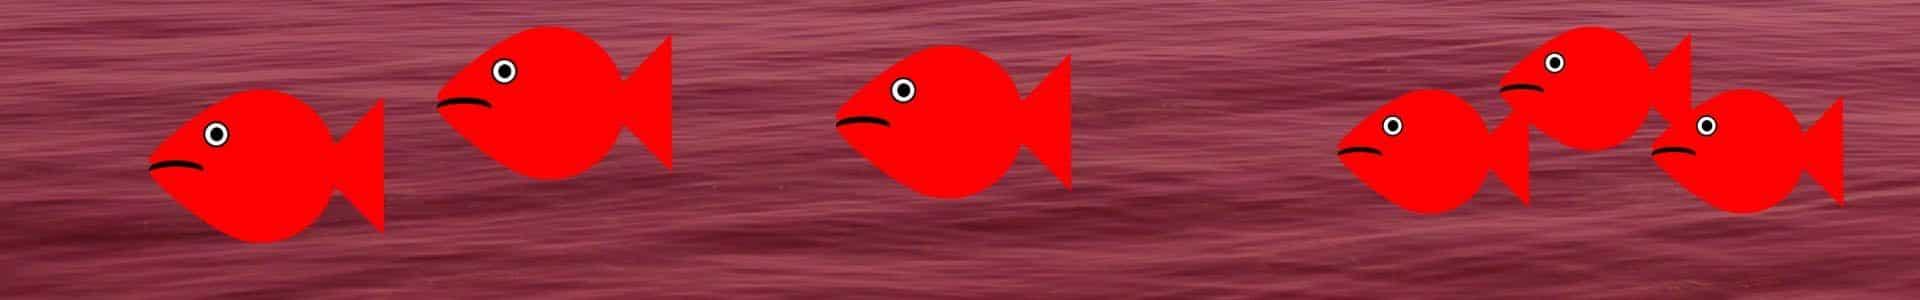 Blå fisk - røde fisk